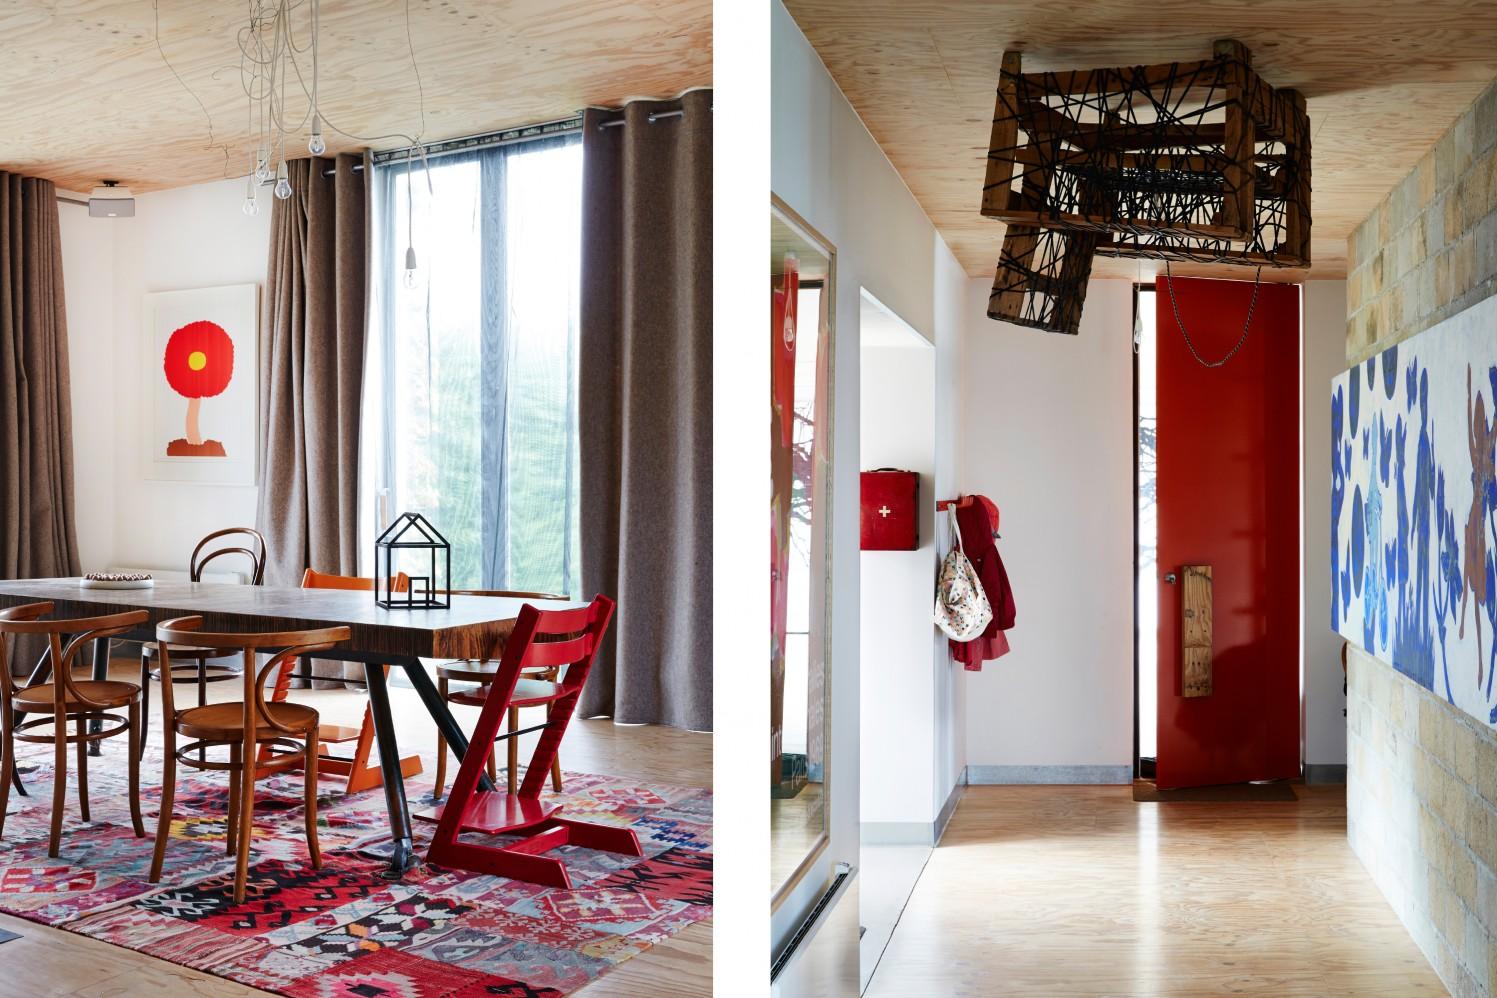 Sean-Fennessy-Interiors-Domestic-212